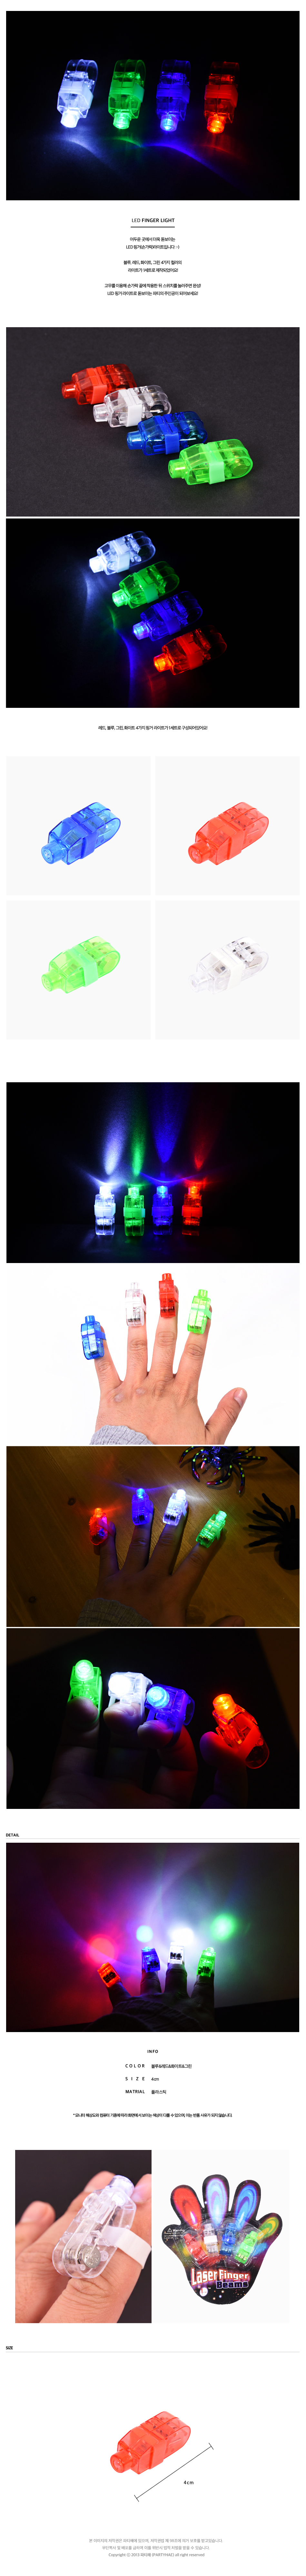 LED 핑거(손가락)라이트 - 4개입 - 파티해, 1,000원, 파티용품, 펀/놀이용품